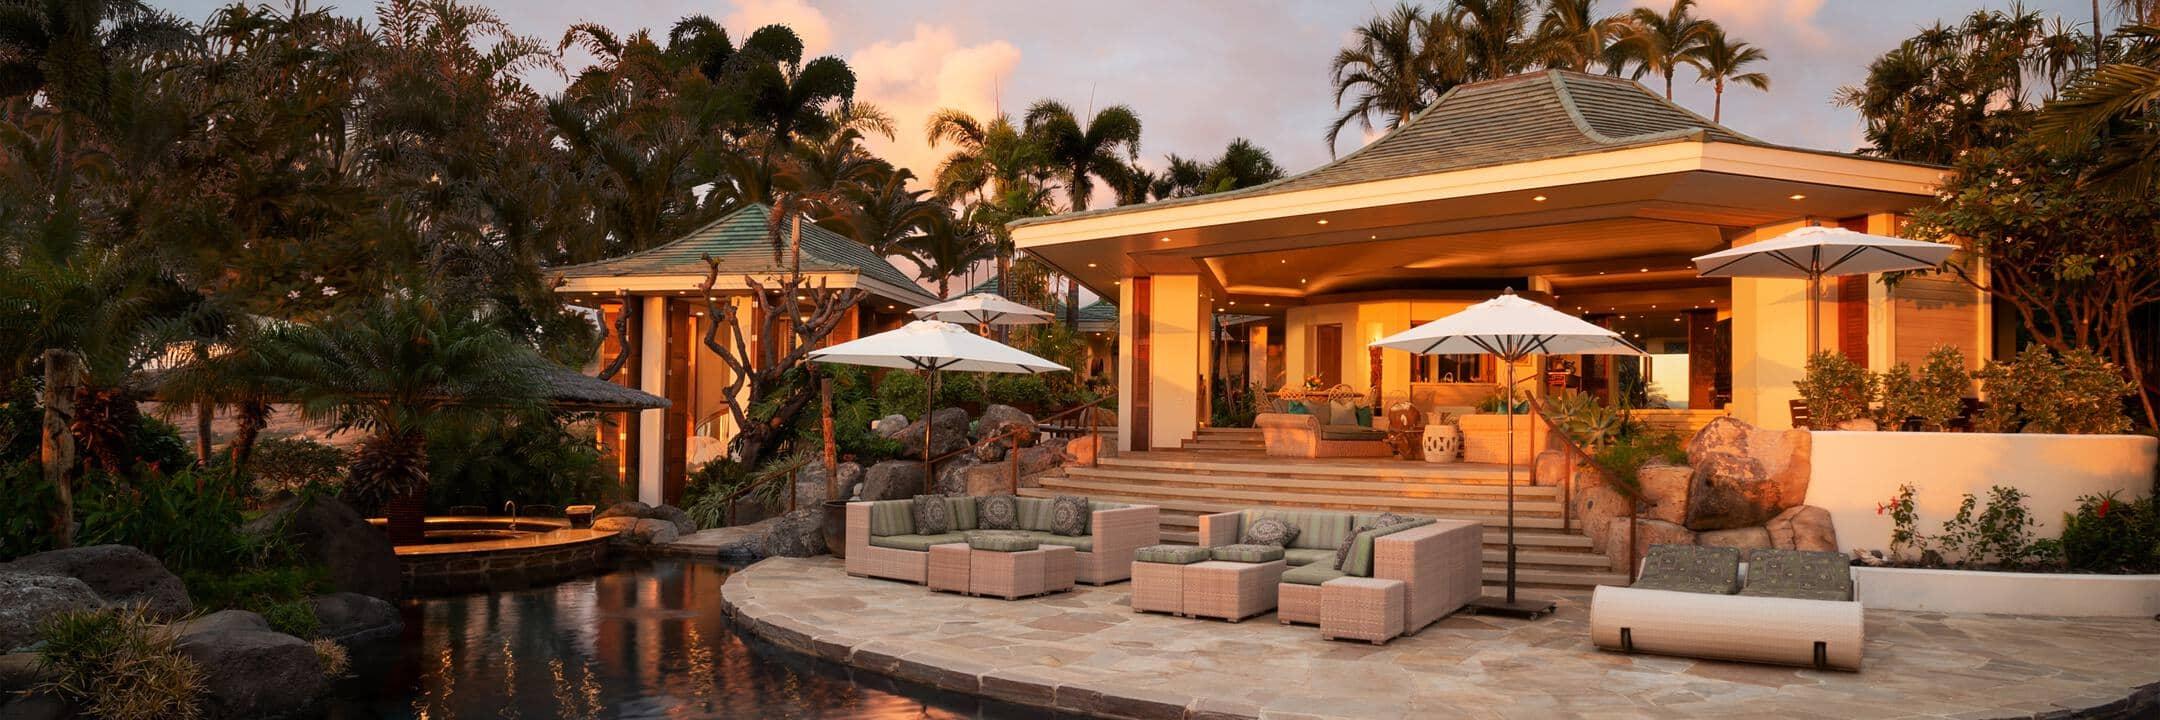 Luxury rentals in Island of Hawai'i